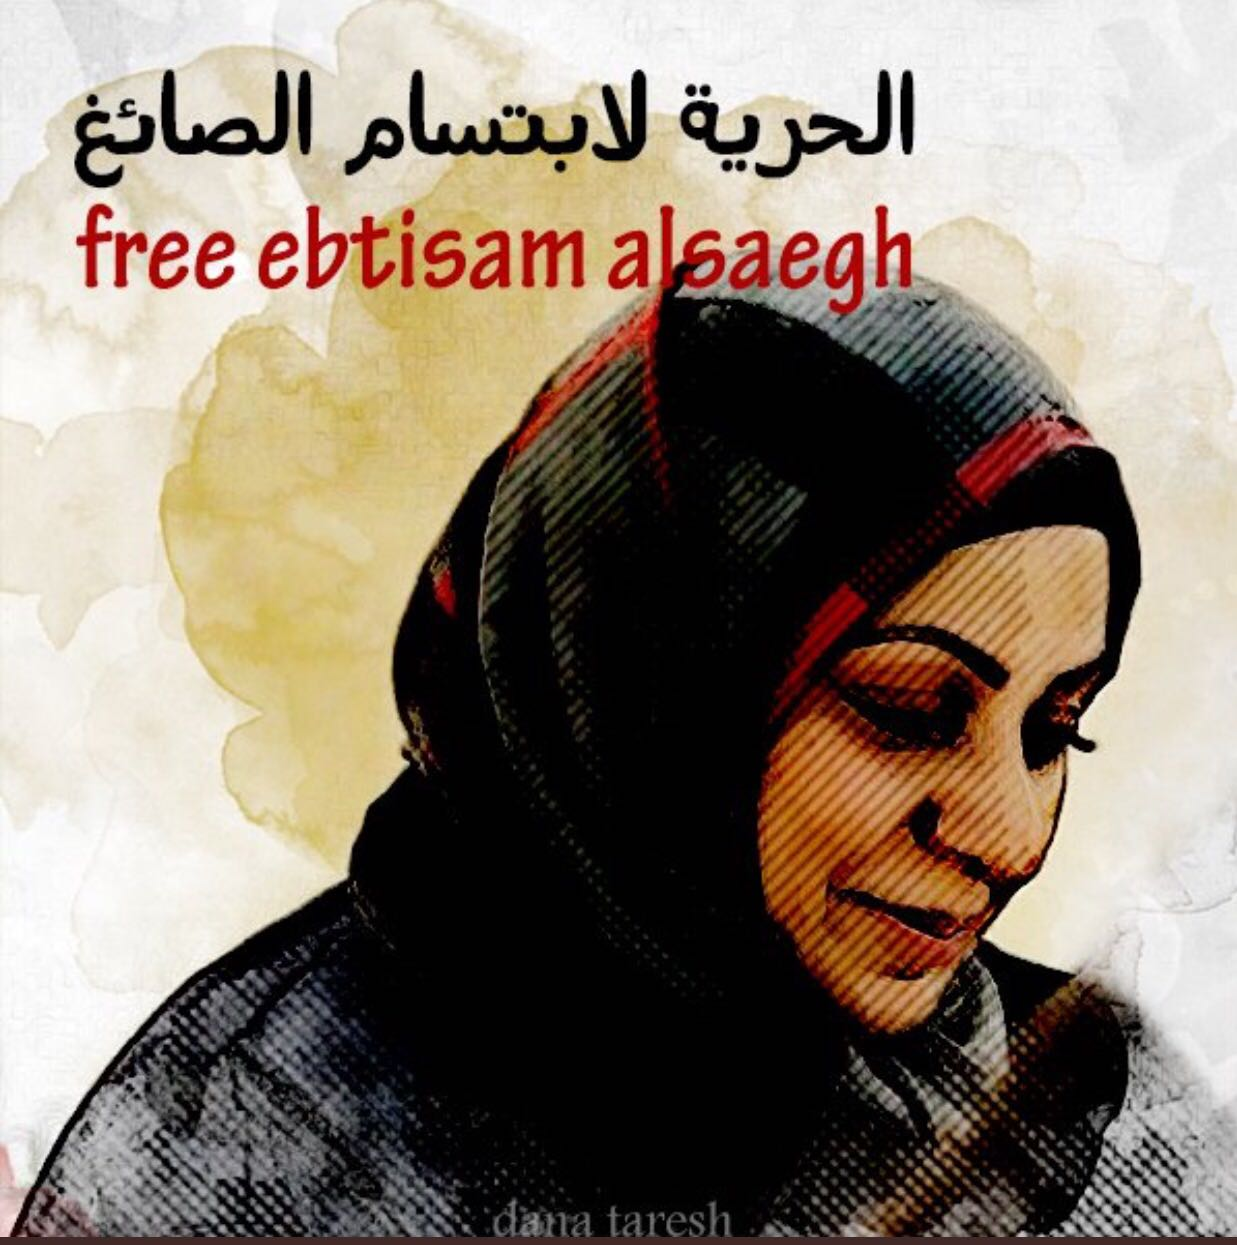 Rights group: Bahraini female activist @ealsaegh detained again https://t.co/0Q16cgckvh via @MailOnline  #Bahrain https://t.co/NsNSdwSWme